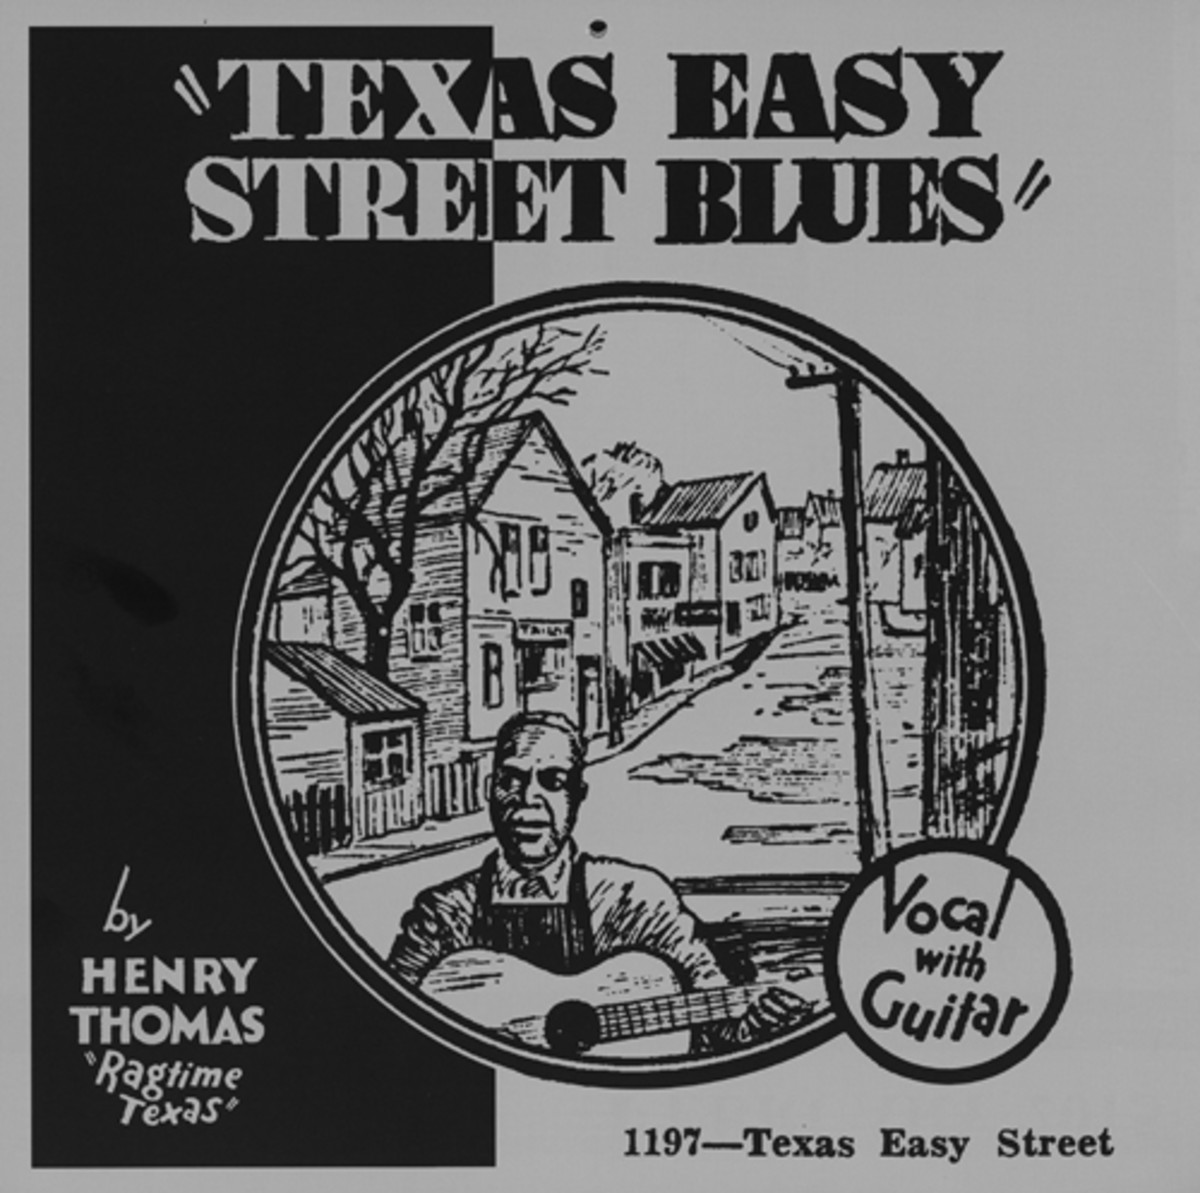 Henry Thomas mage courtesy Blues Images.